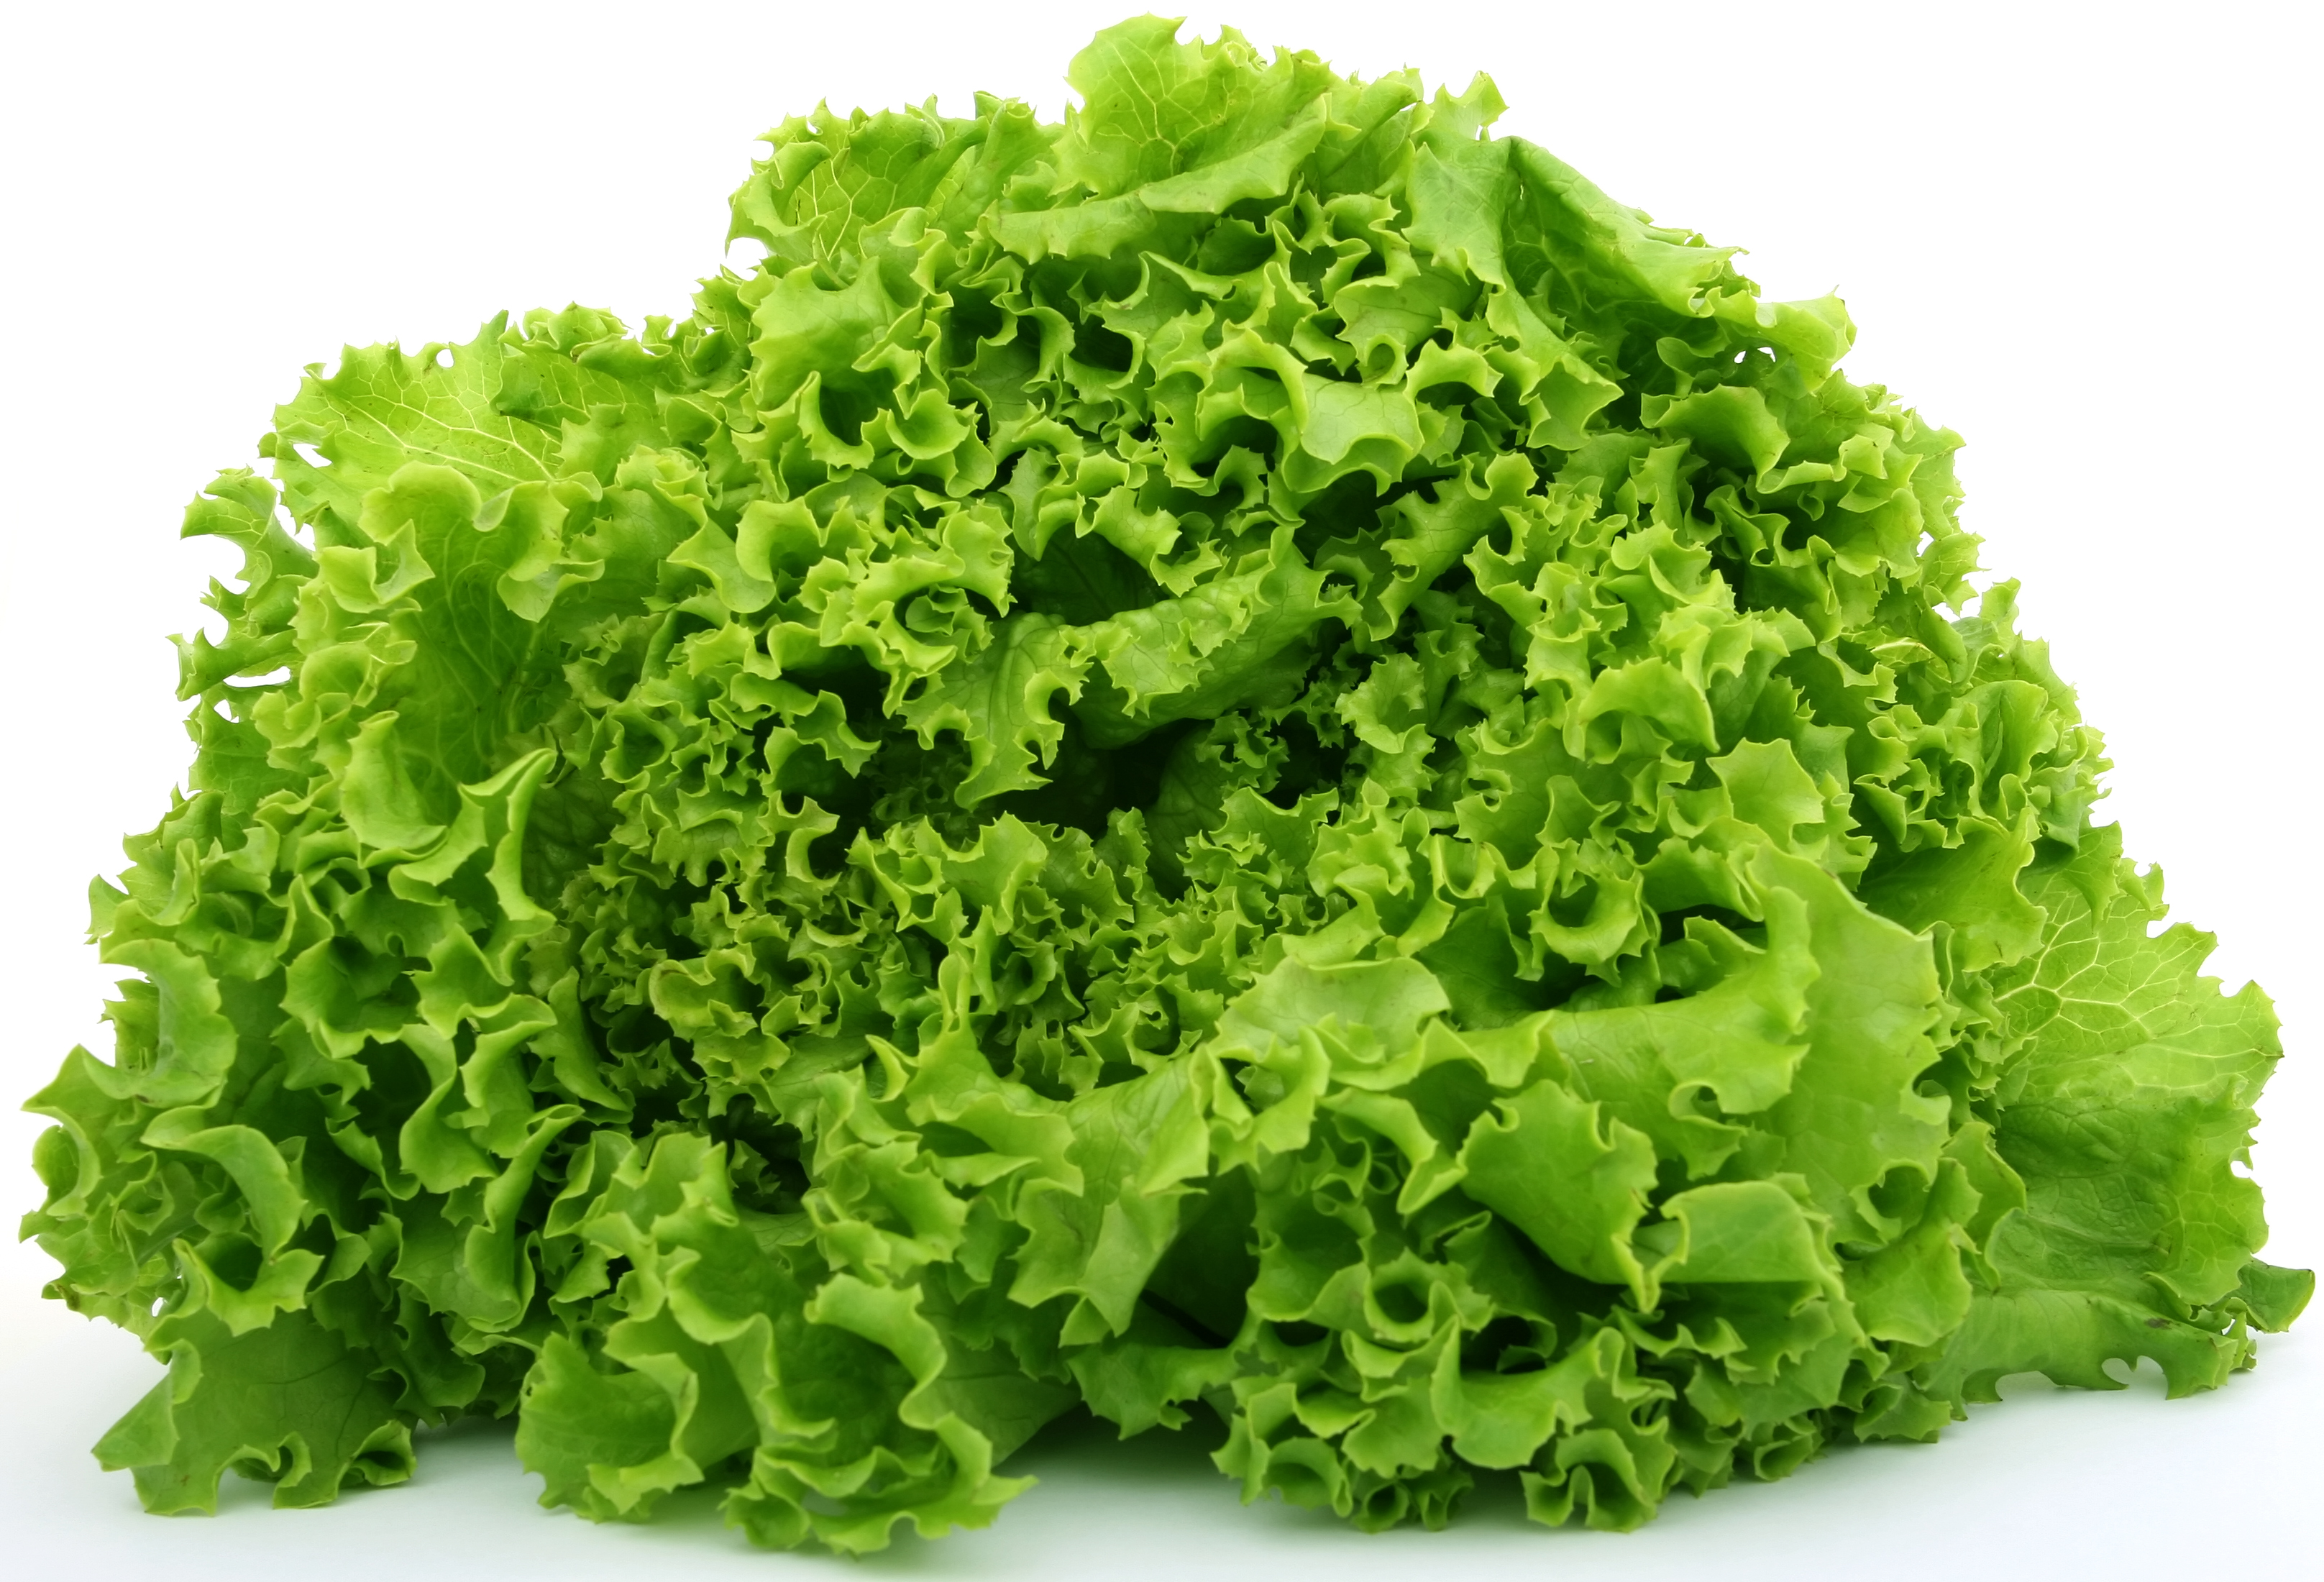 Green Leaf Lettuce Types